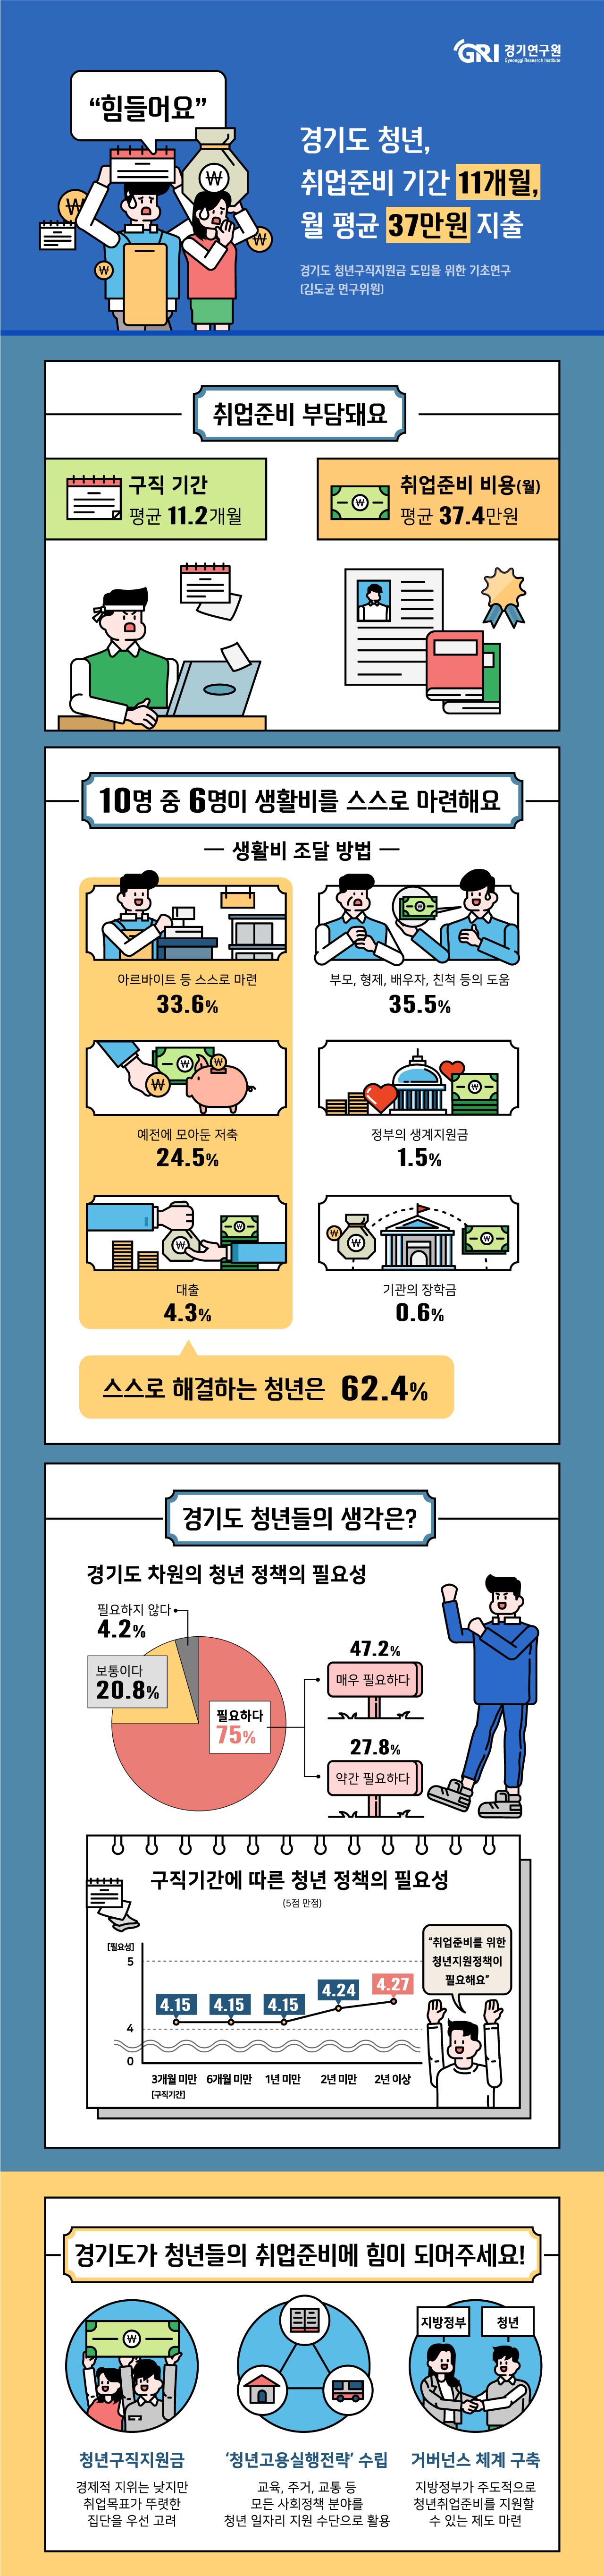 경기도 청년, 취업준비 기간 11개월, 월 평균 37만원 지출